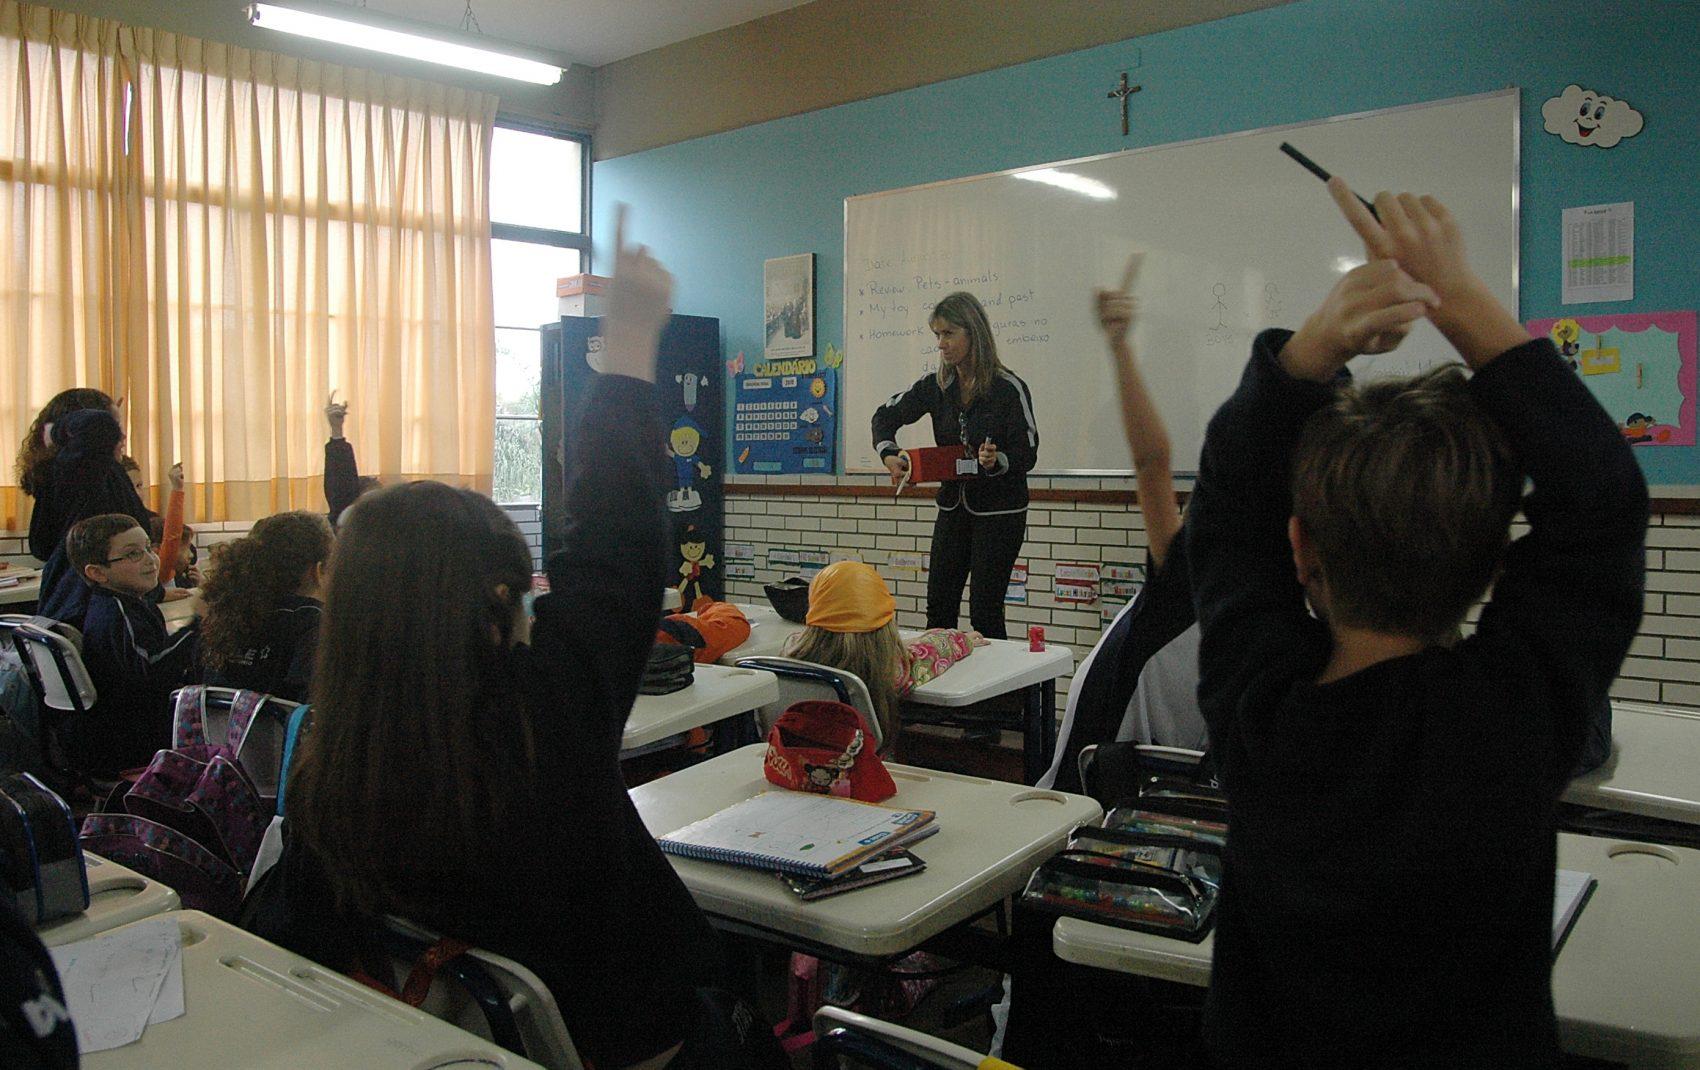 Educação básica: dentre os direitos garantidos estão reajuste salarial de 3,92% retroativo a março